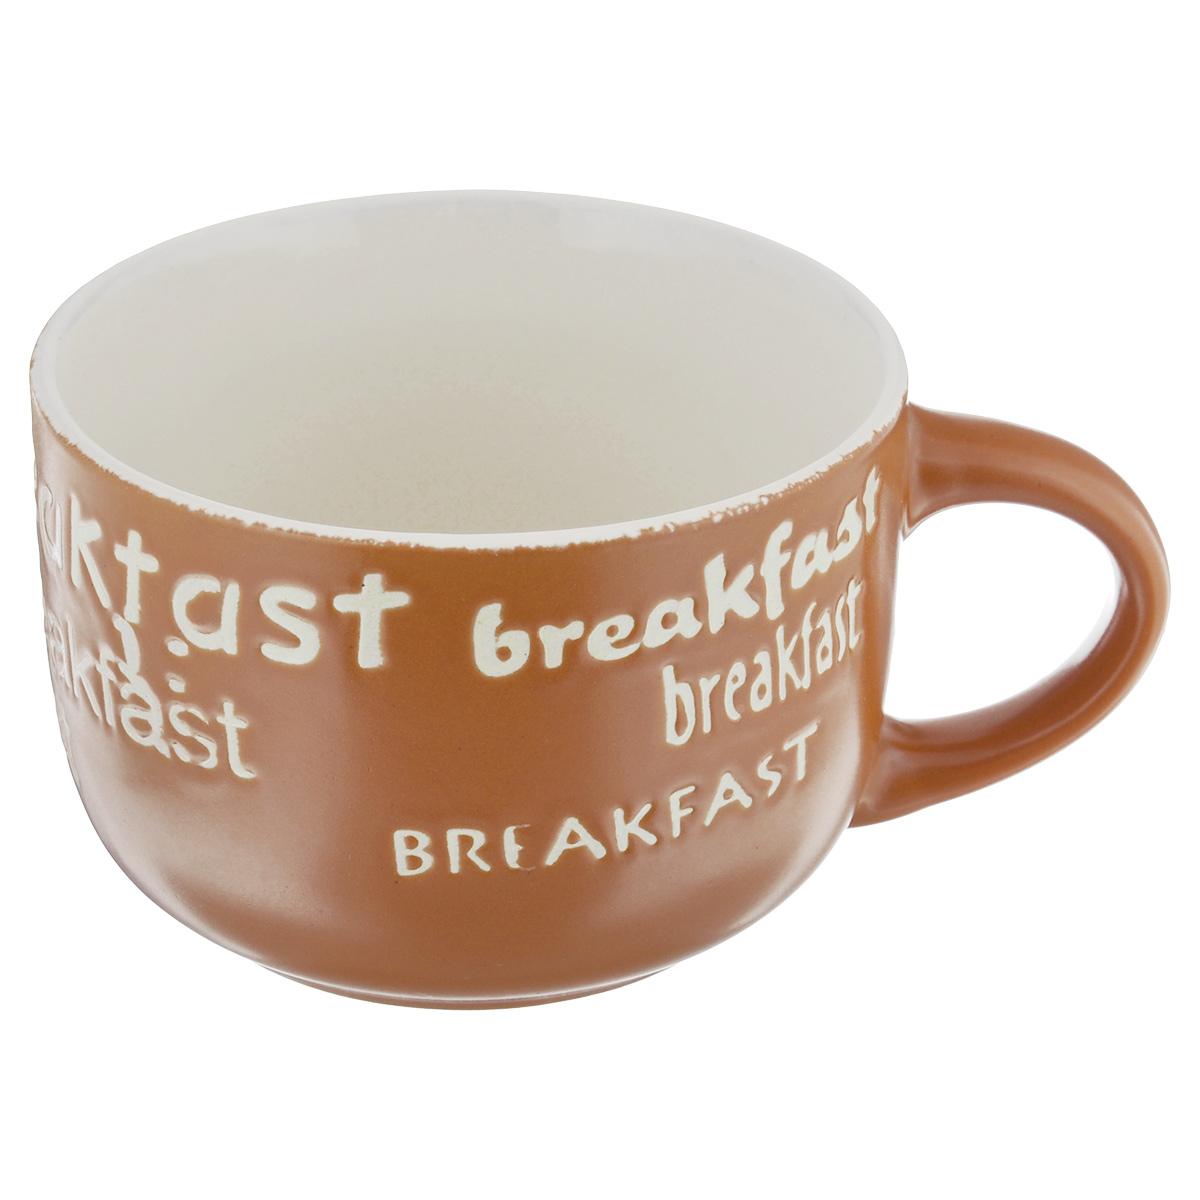 Кружка Wing Star Завтрак, цвет: терракотовый, 460 млLJ7-13B-145UКружка Wing Star Завтрак изготовлена из керамики и украшена иностранными словами Breakfast. Wing Star - качественная керамическая посуда из обожженной, глазурованной снаружи и изнутри глины с оригинальными рисунками. При изготовлении данной посуды широко используется рельефный способ нанесения декора, когда рельефная поверхность подготавливается в процессе формовки и изделие обрабатывается с уже готовым декором. Благодаря этому достигается эффект неровного на ощупь рисунка, как бы утопленного внутрь глазури и являющегося его естественным элементом. Кружку можно использовать в СВЧ и мыть в посудомоечной машине. Внутренний диаметр: 10,5 см. Высота стенки: 7,5 см. Объем кружки: 460 мл.